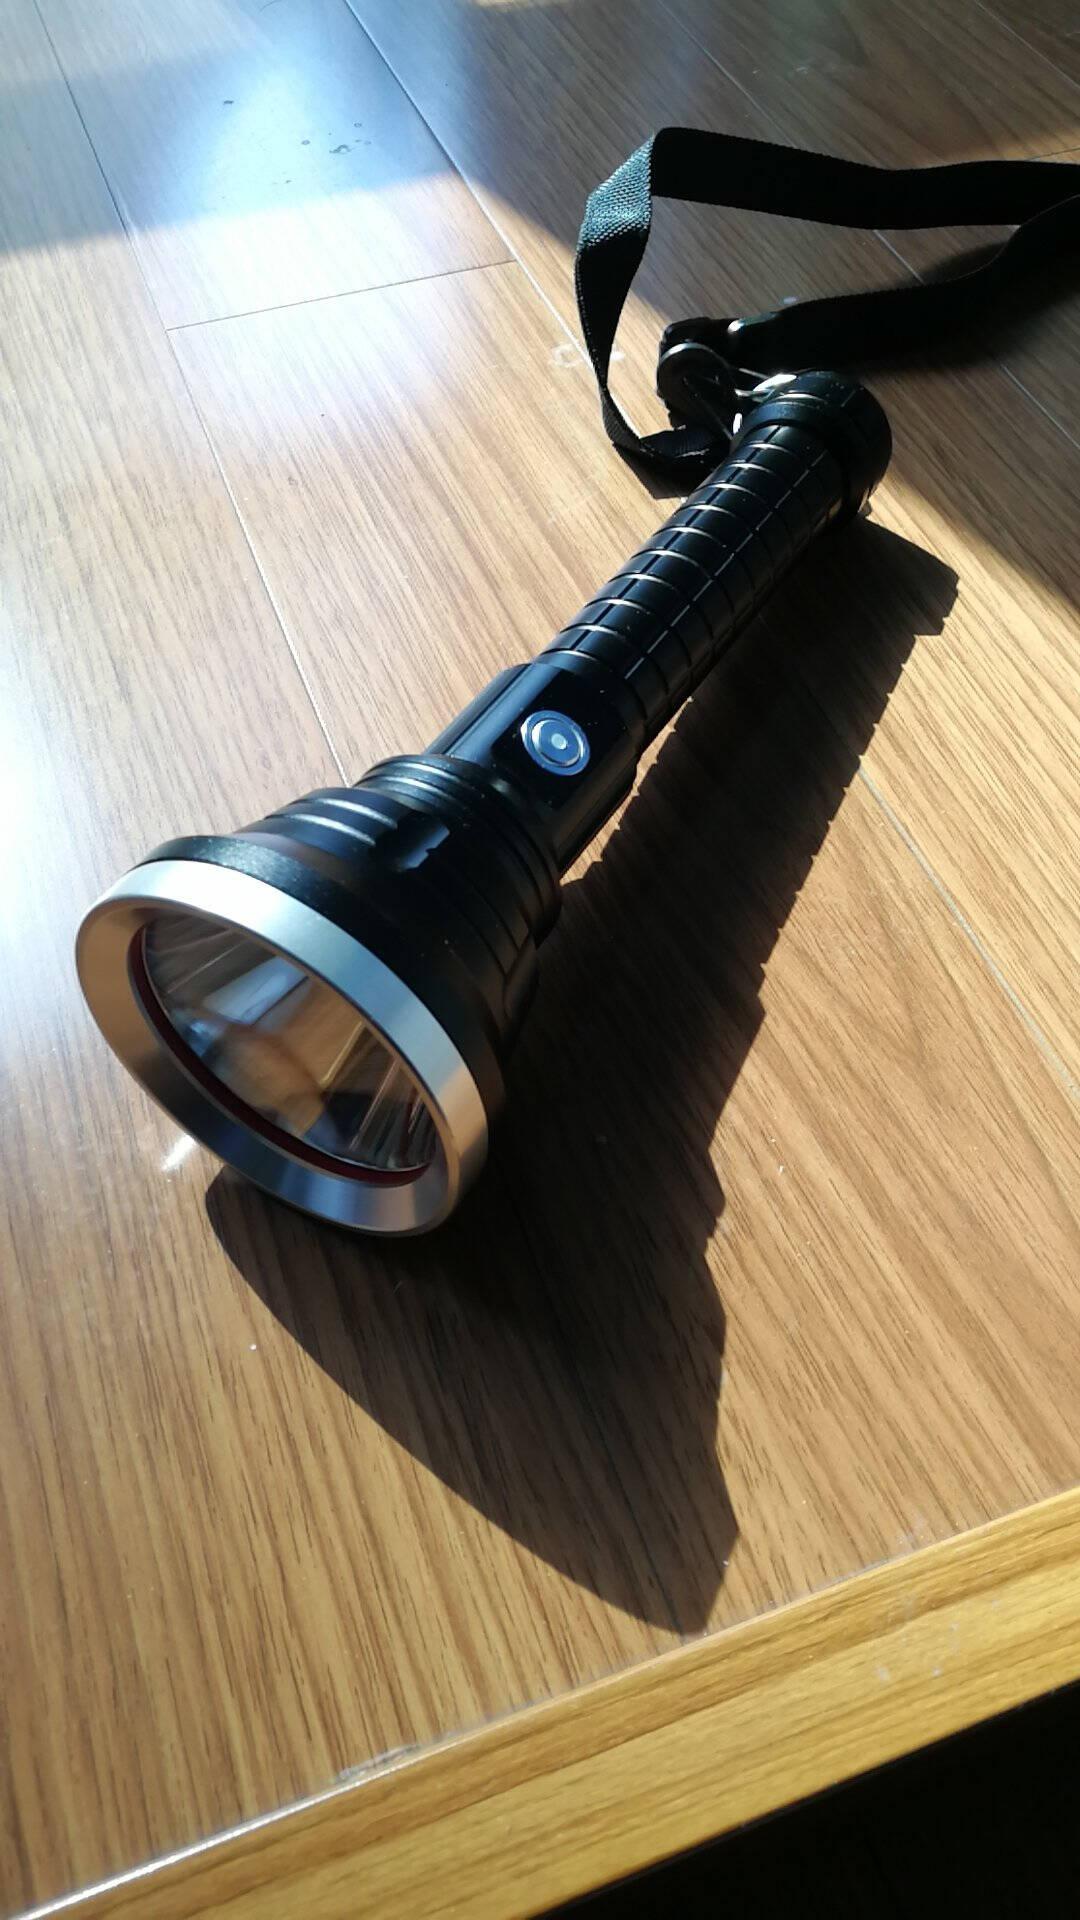 P70强光手电筒远射超亮LED户外照明保安巡逻防水白光大功率探照灯A1168P70四核灯芯+26650锂电2节